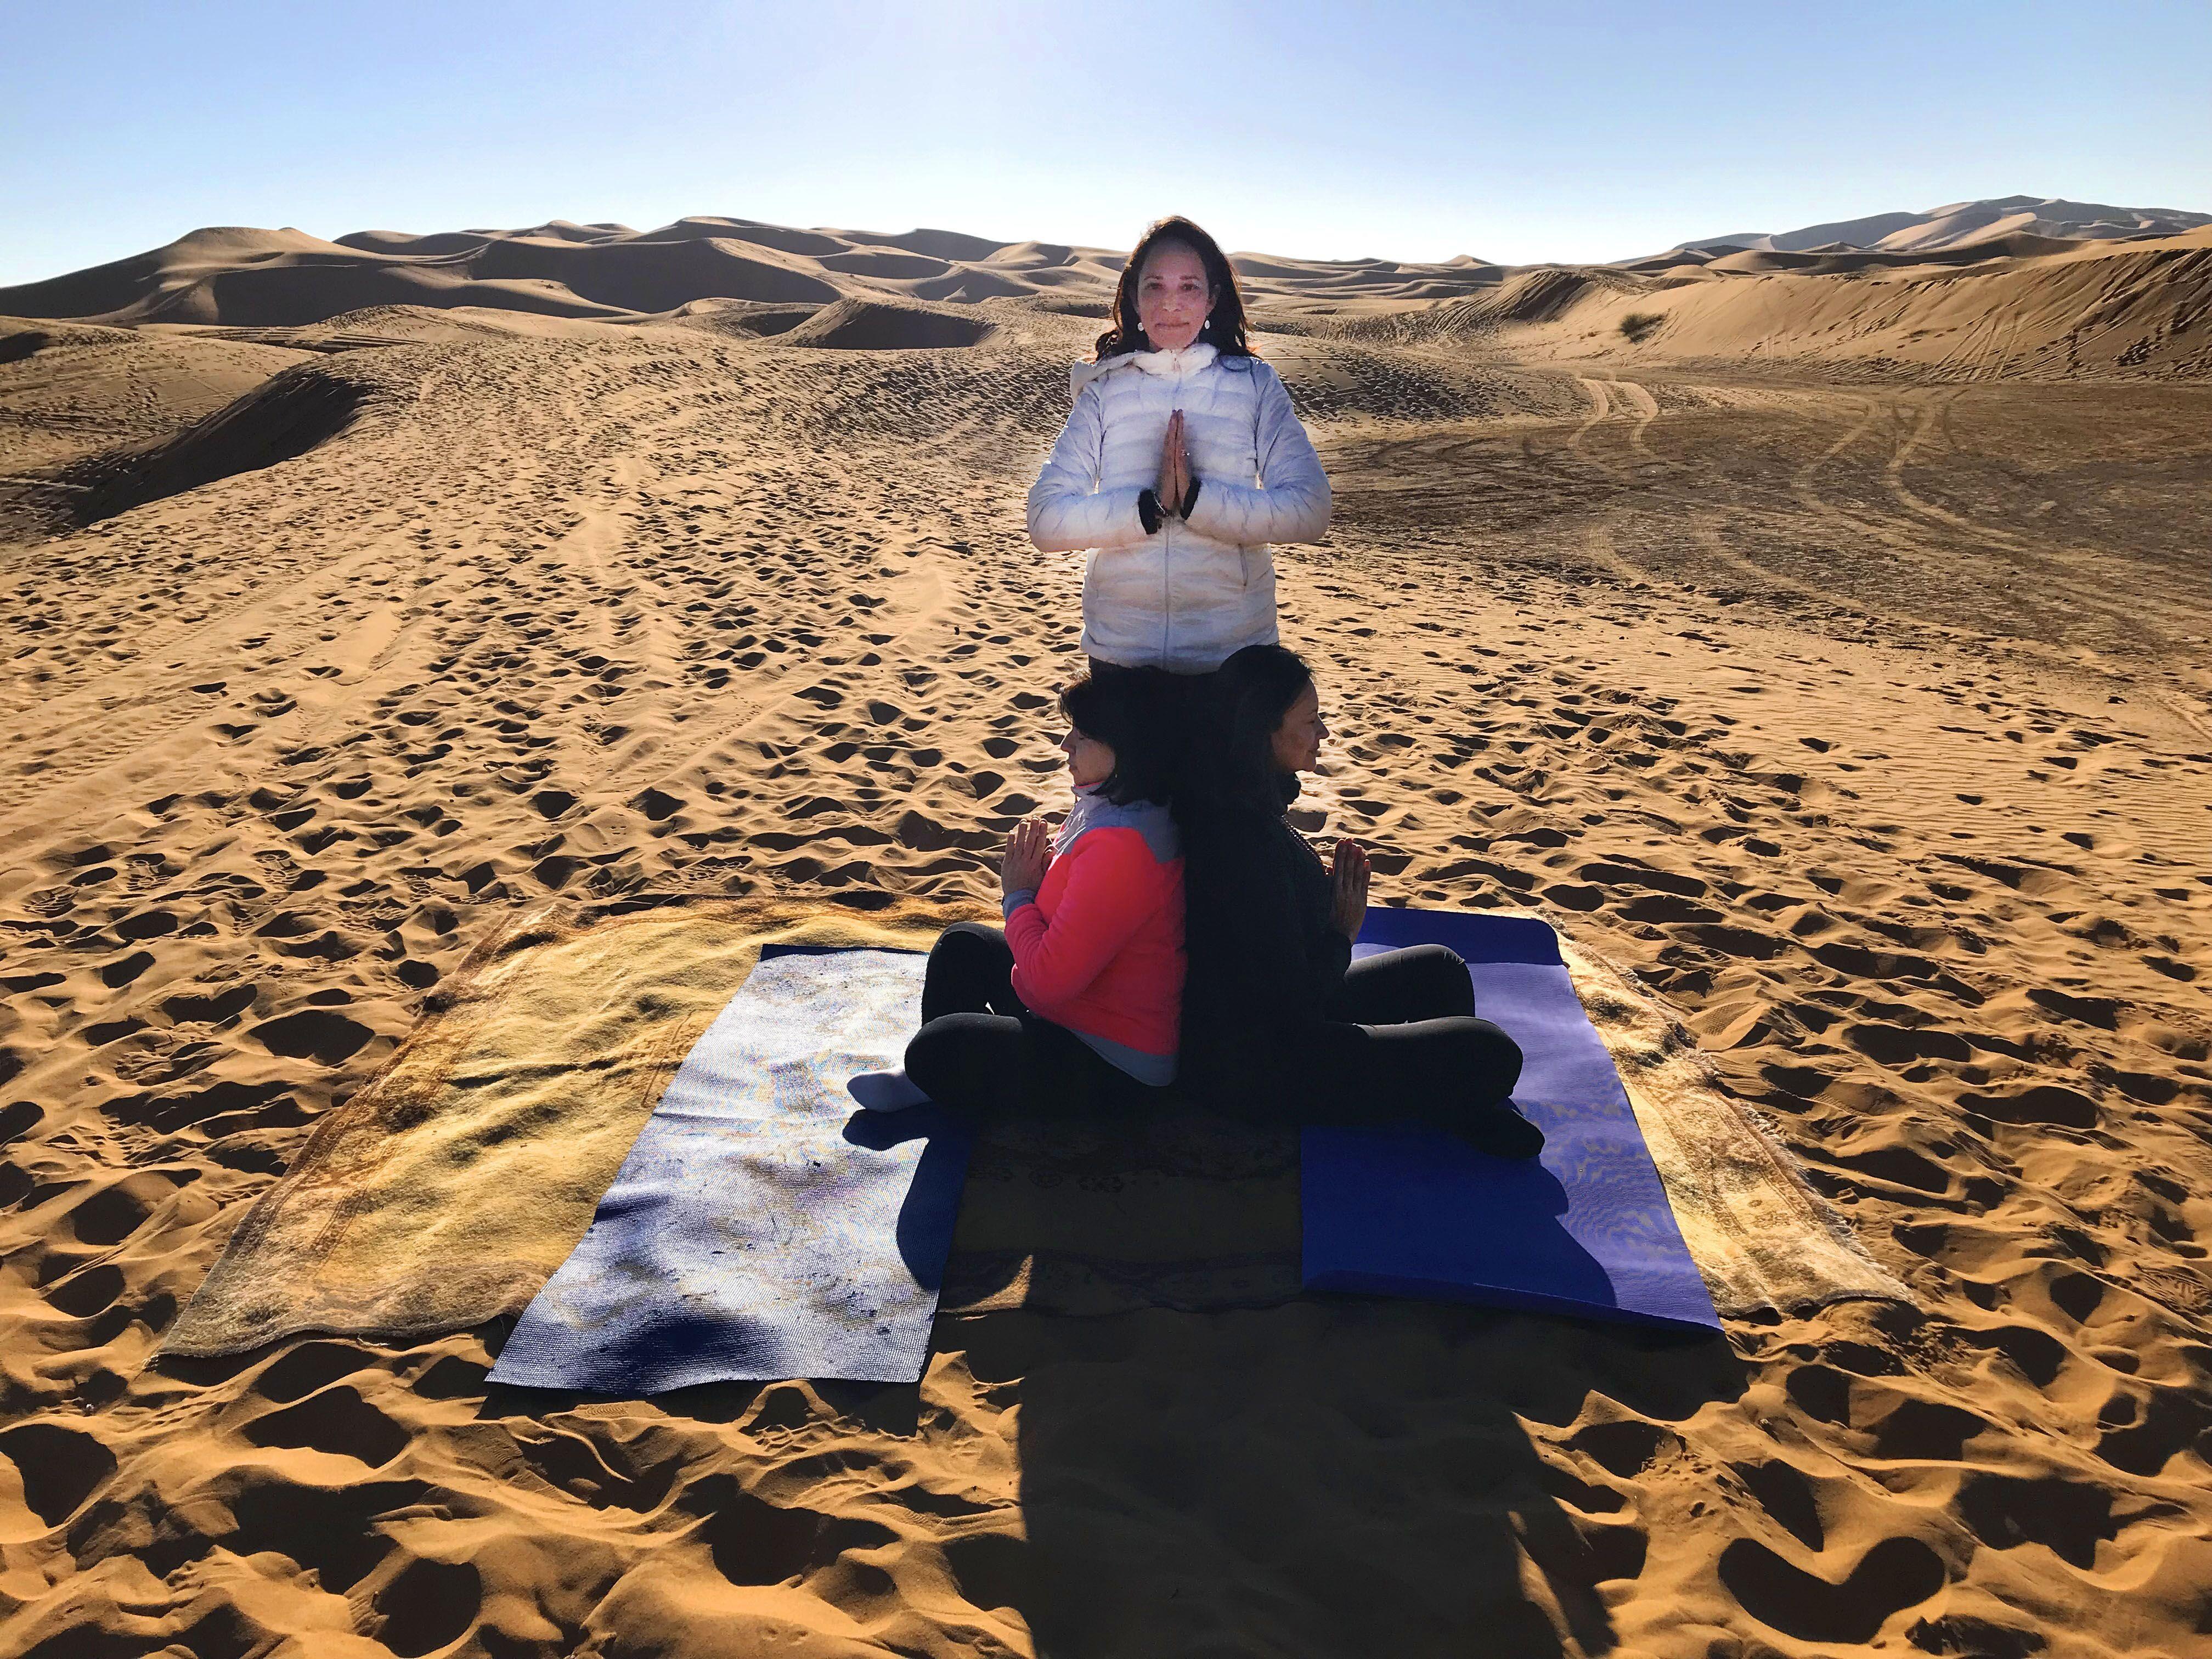 Meditar en Marruecos 2020